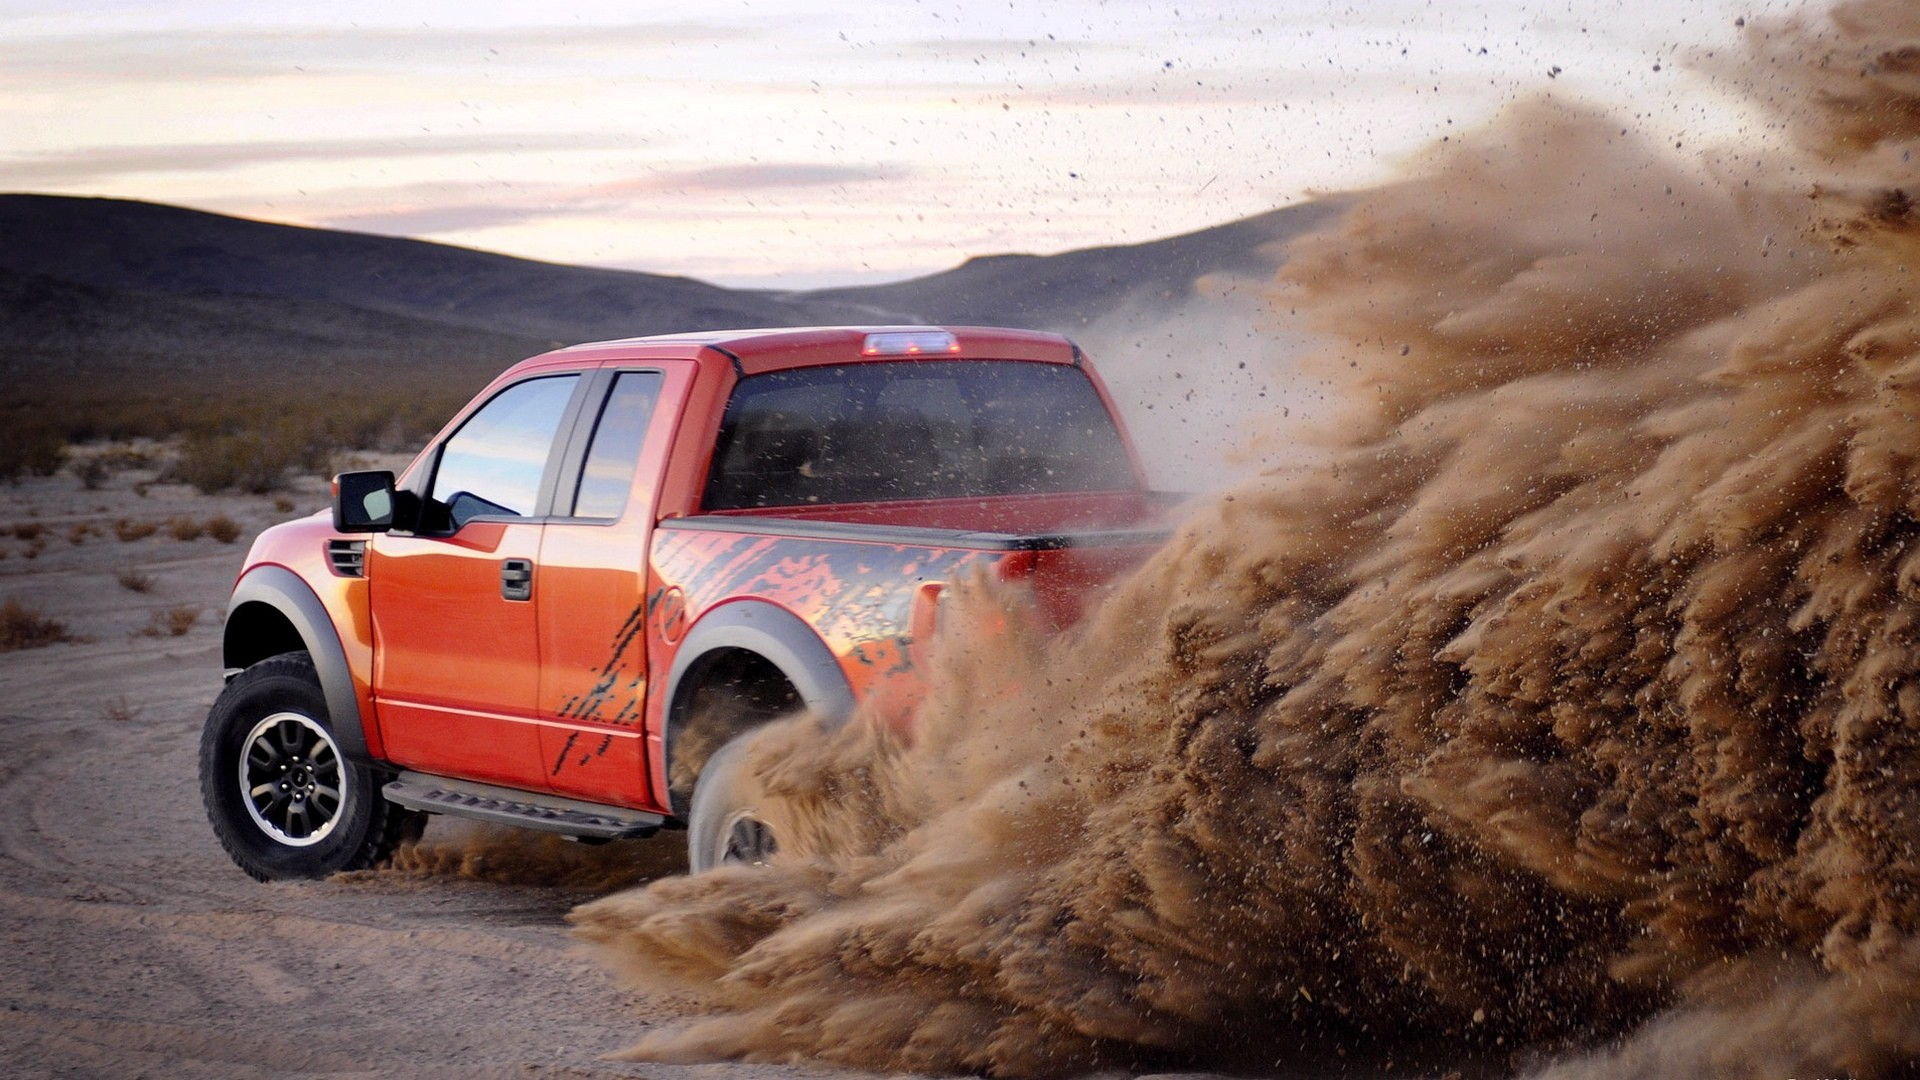 Wallpaper Ford F 150 Svt Raptor 2109106 Hd Wallpaper Backgrounds Download